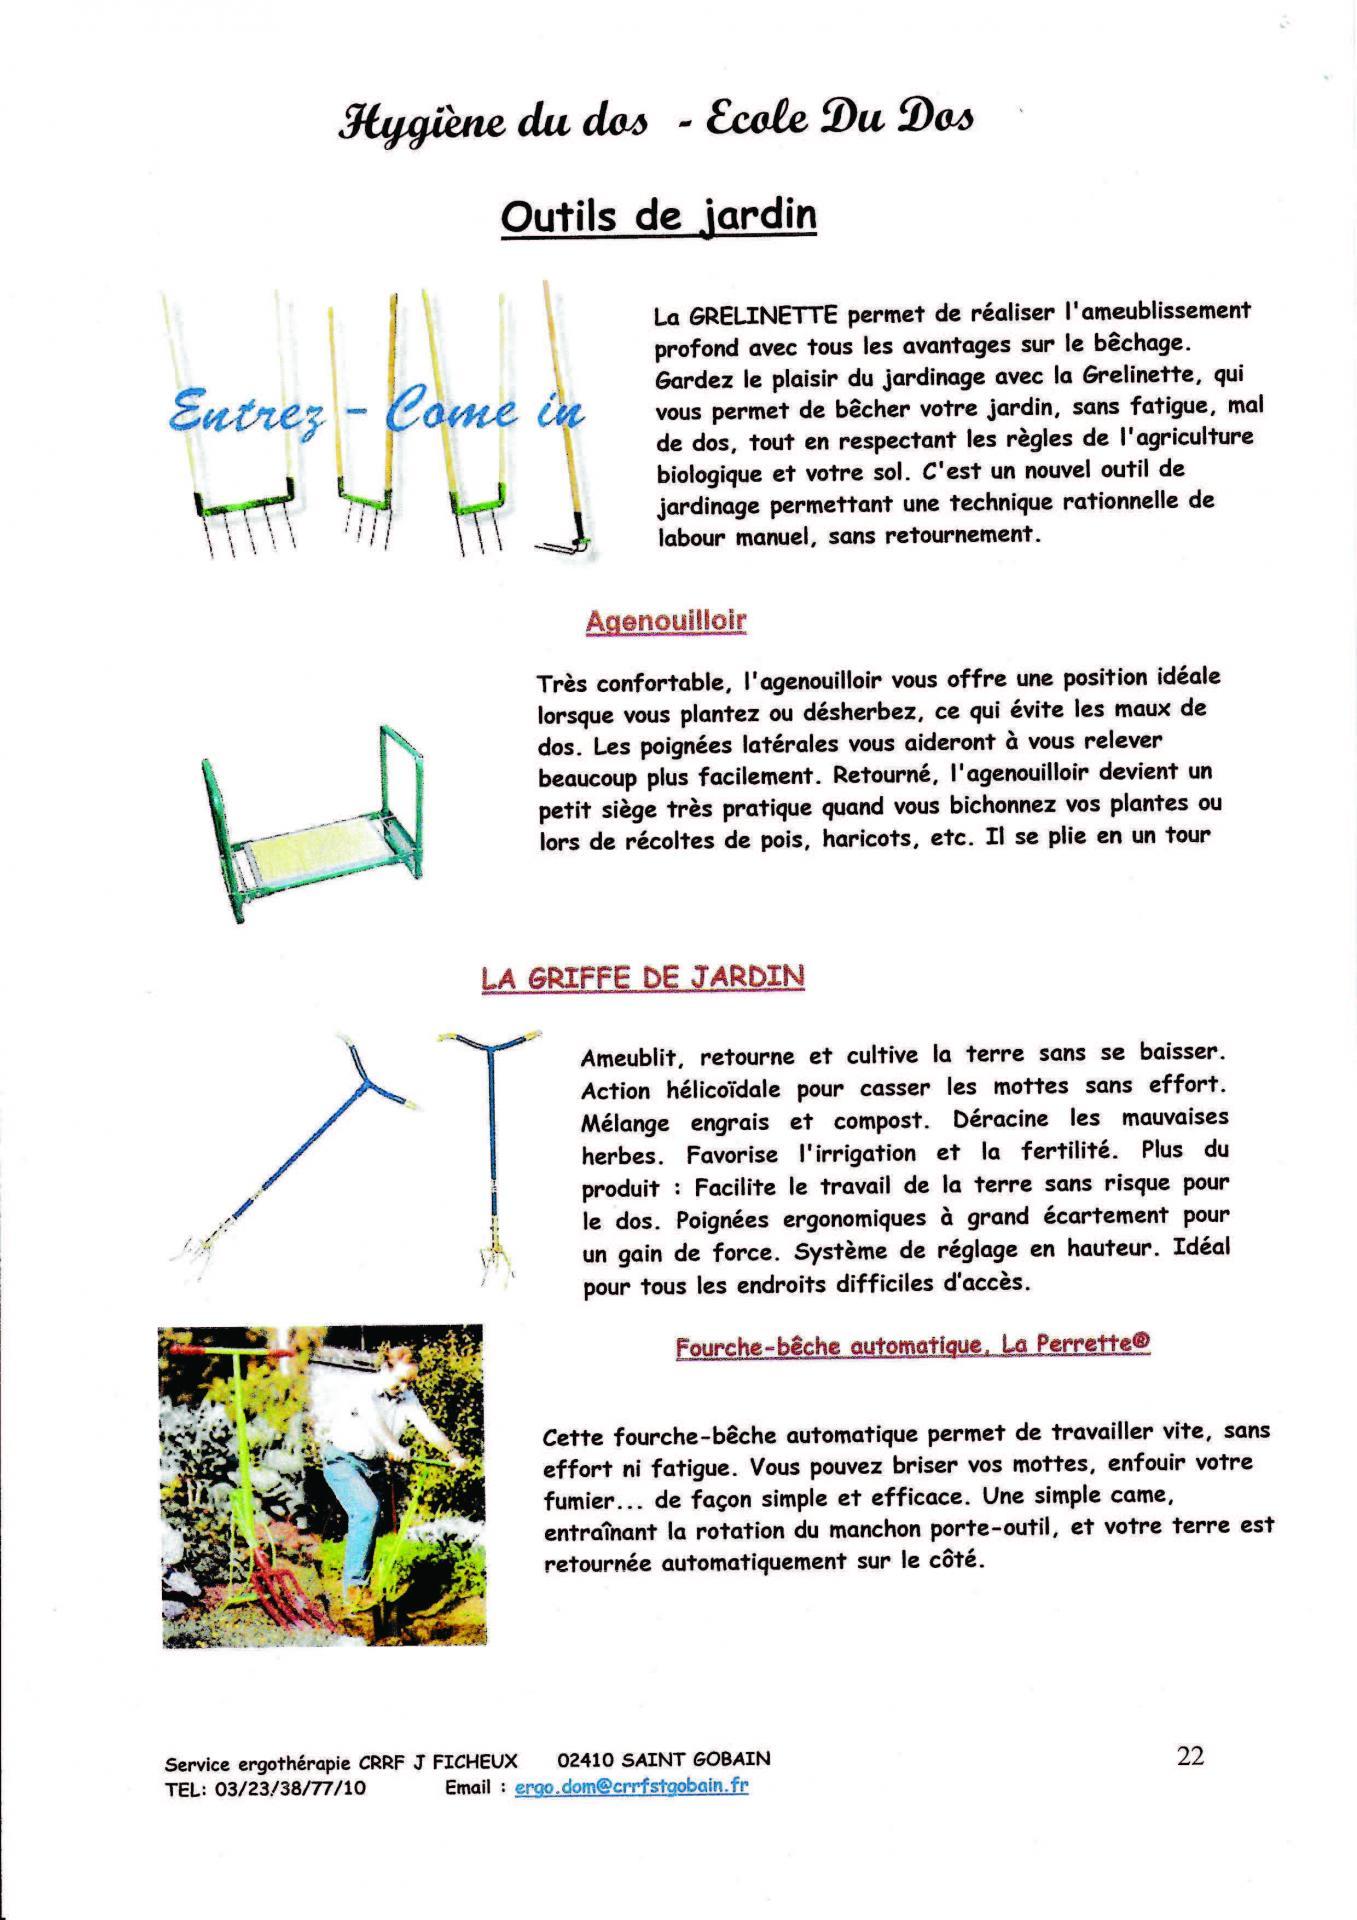 Ecole du dos pdfbis page 22